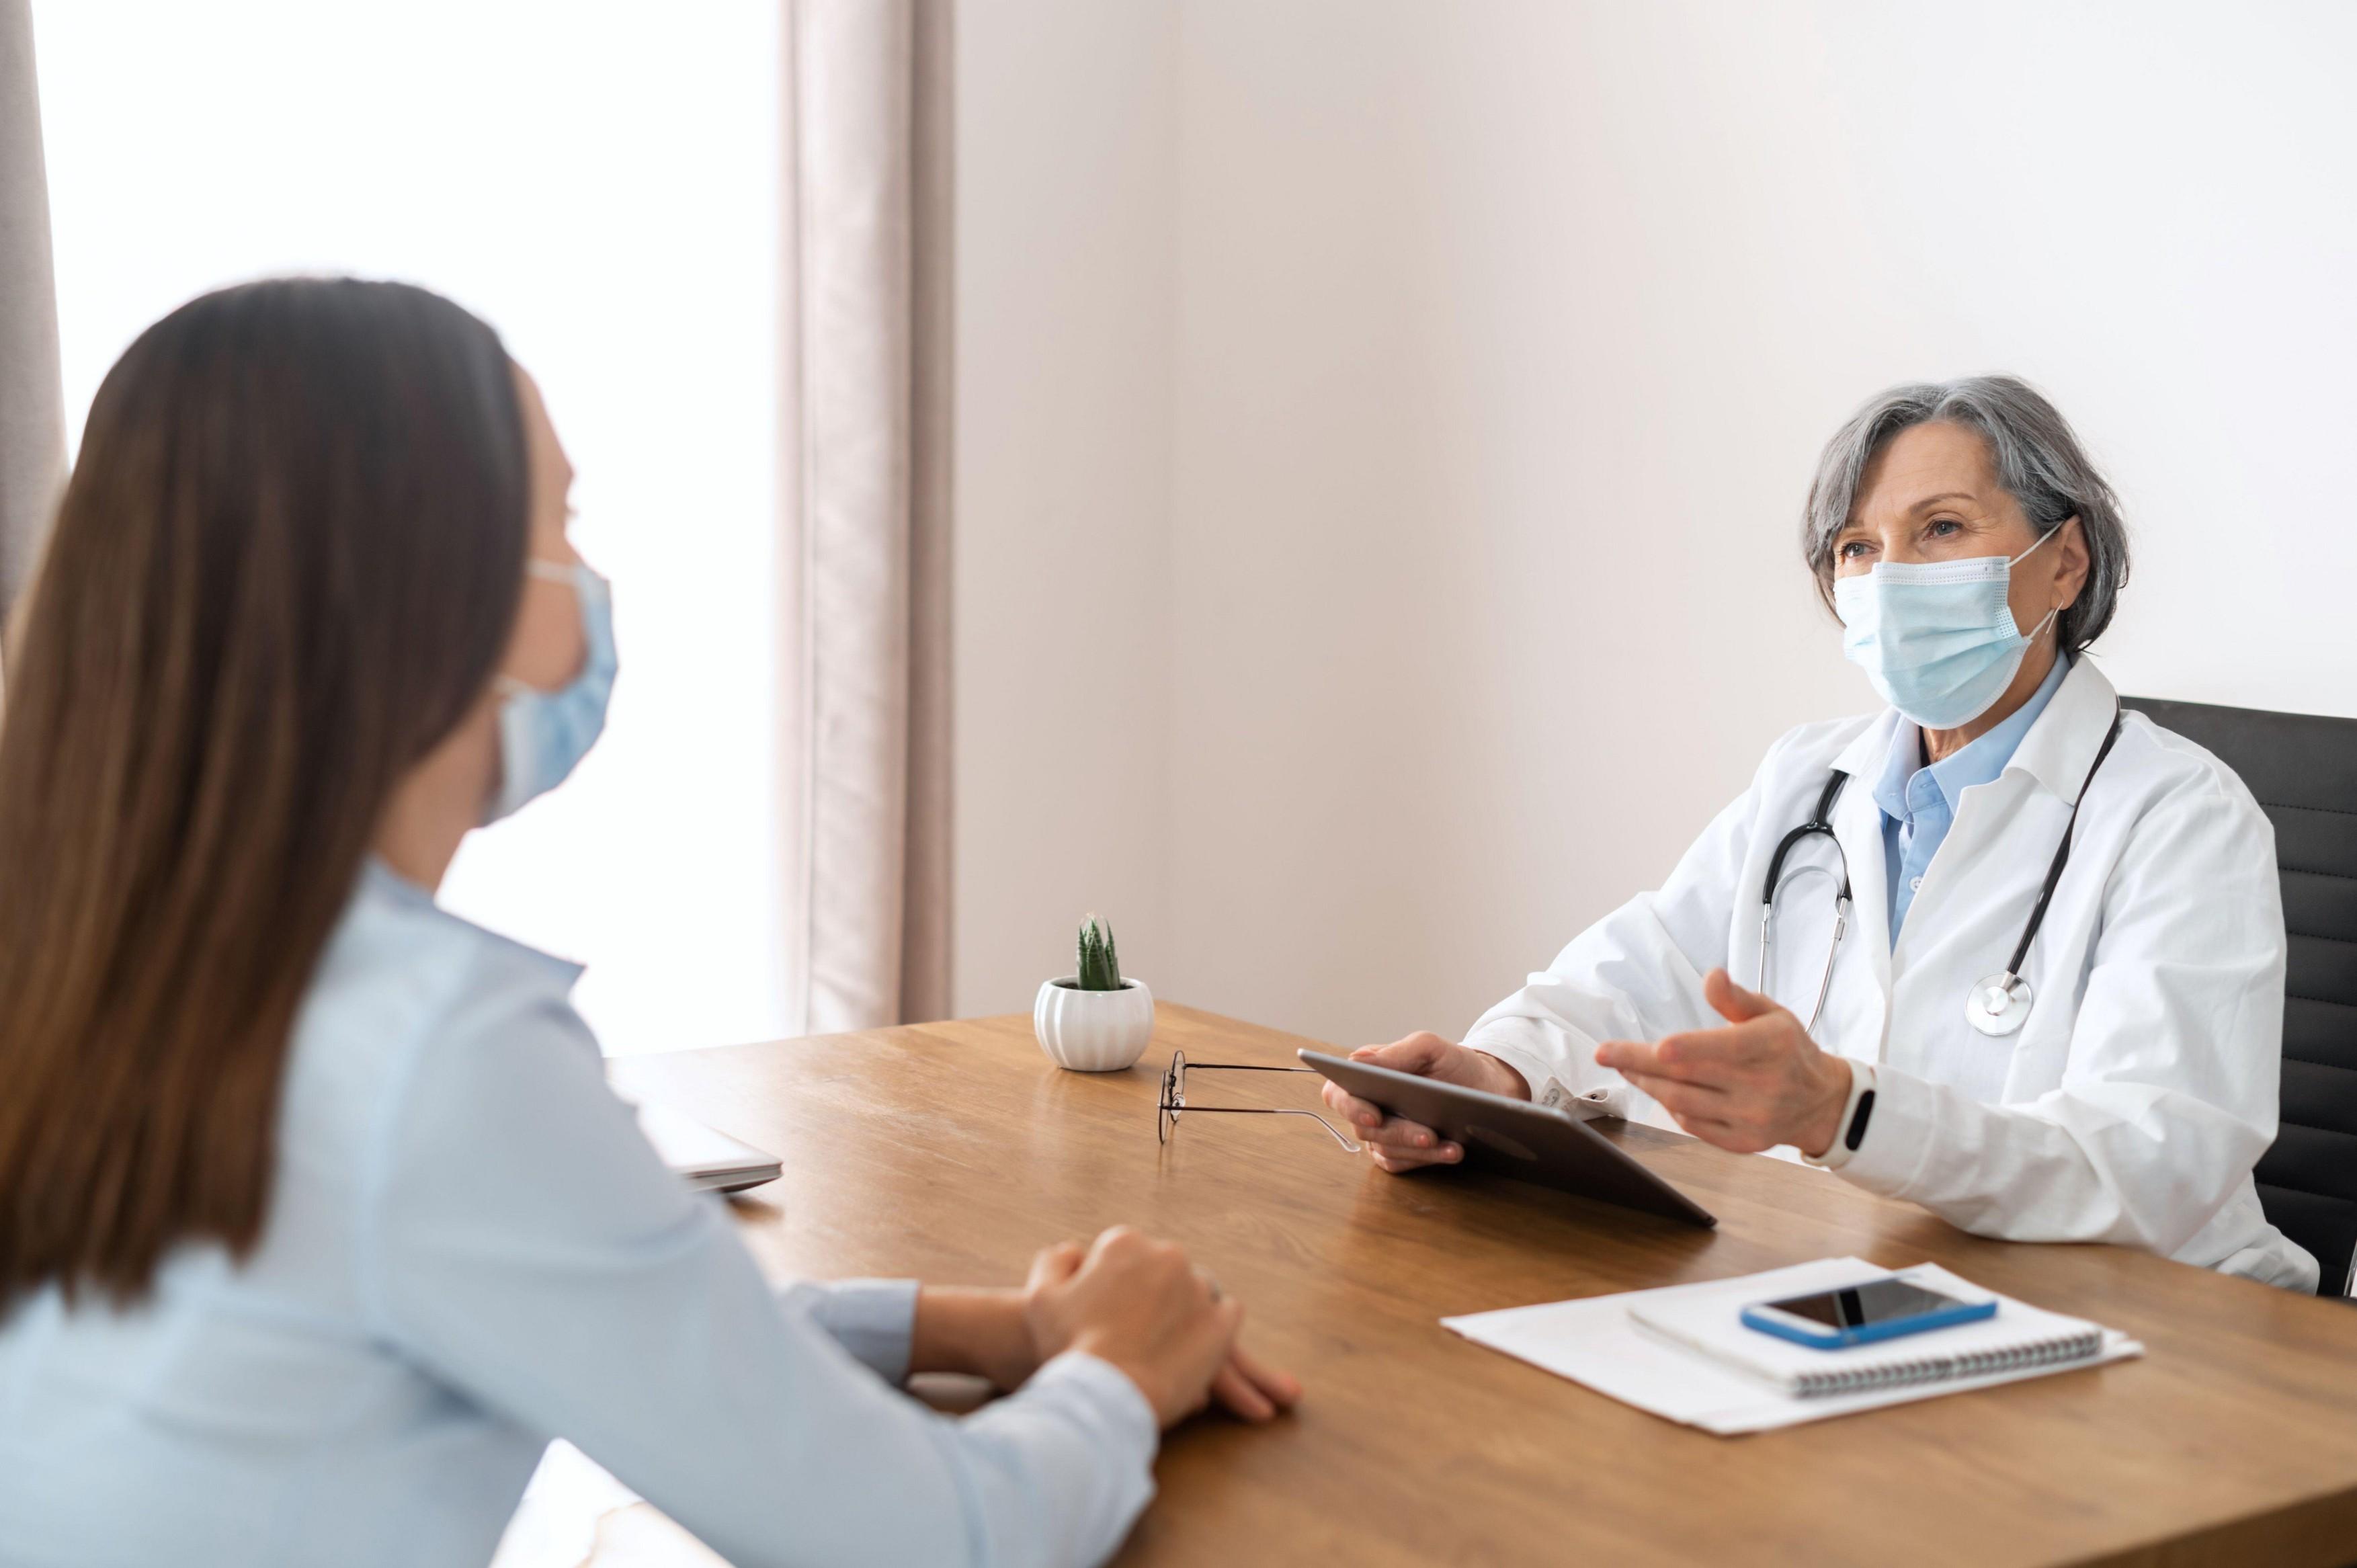 Zdravnik, pregled, pogovor